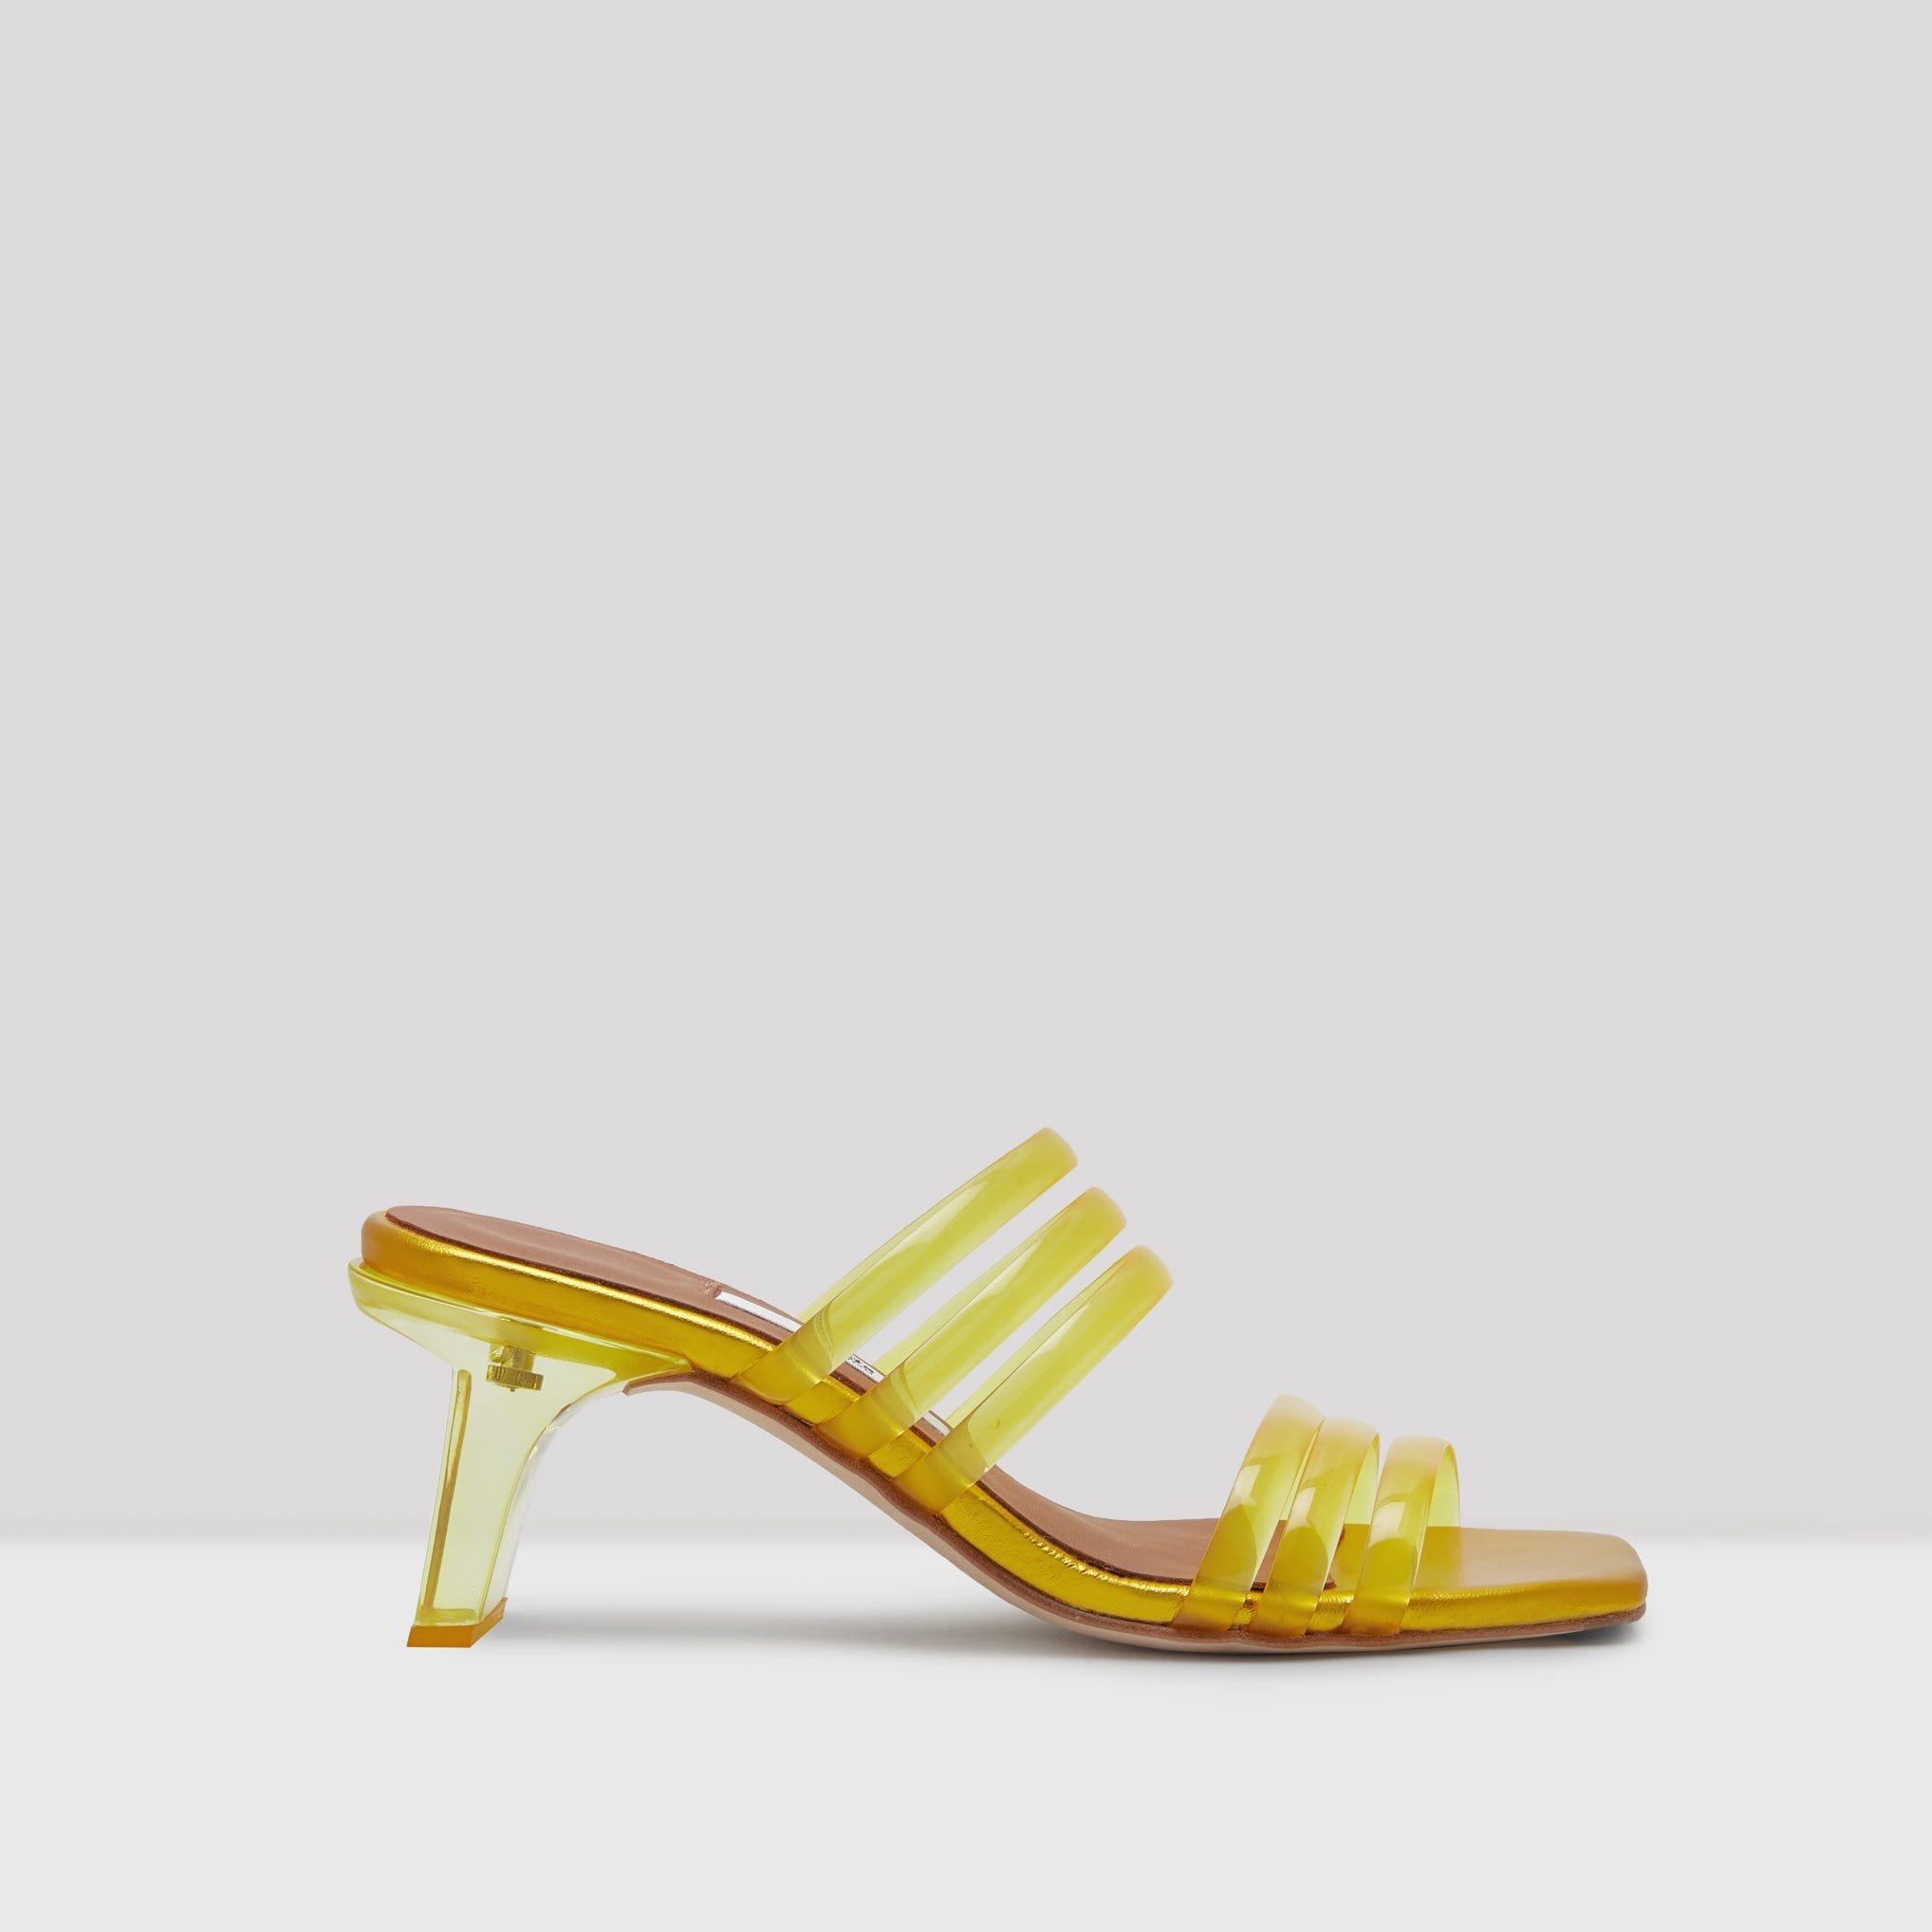 8b1e9eb9a 7 Shoe Brands That Fashion People Love